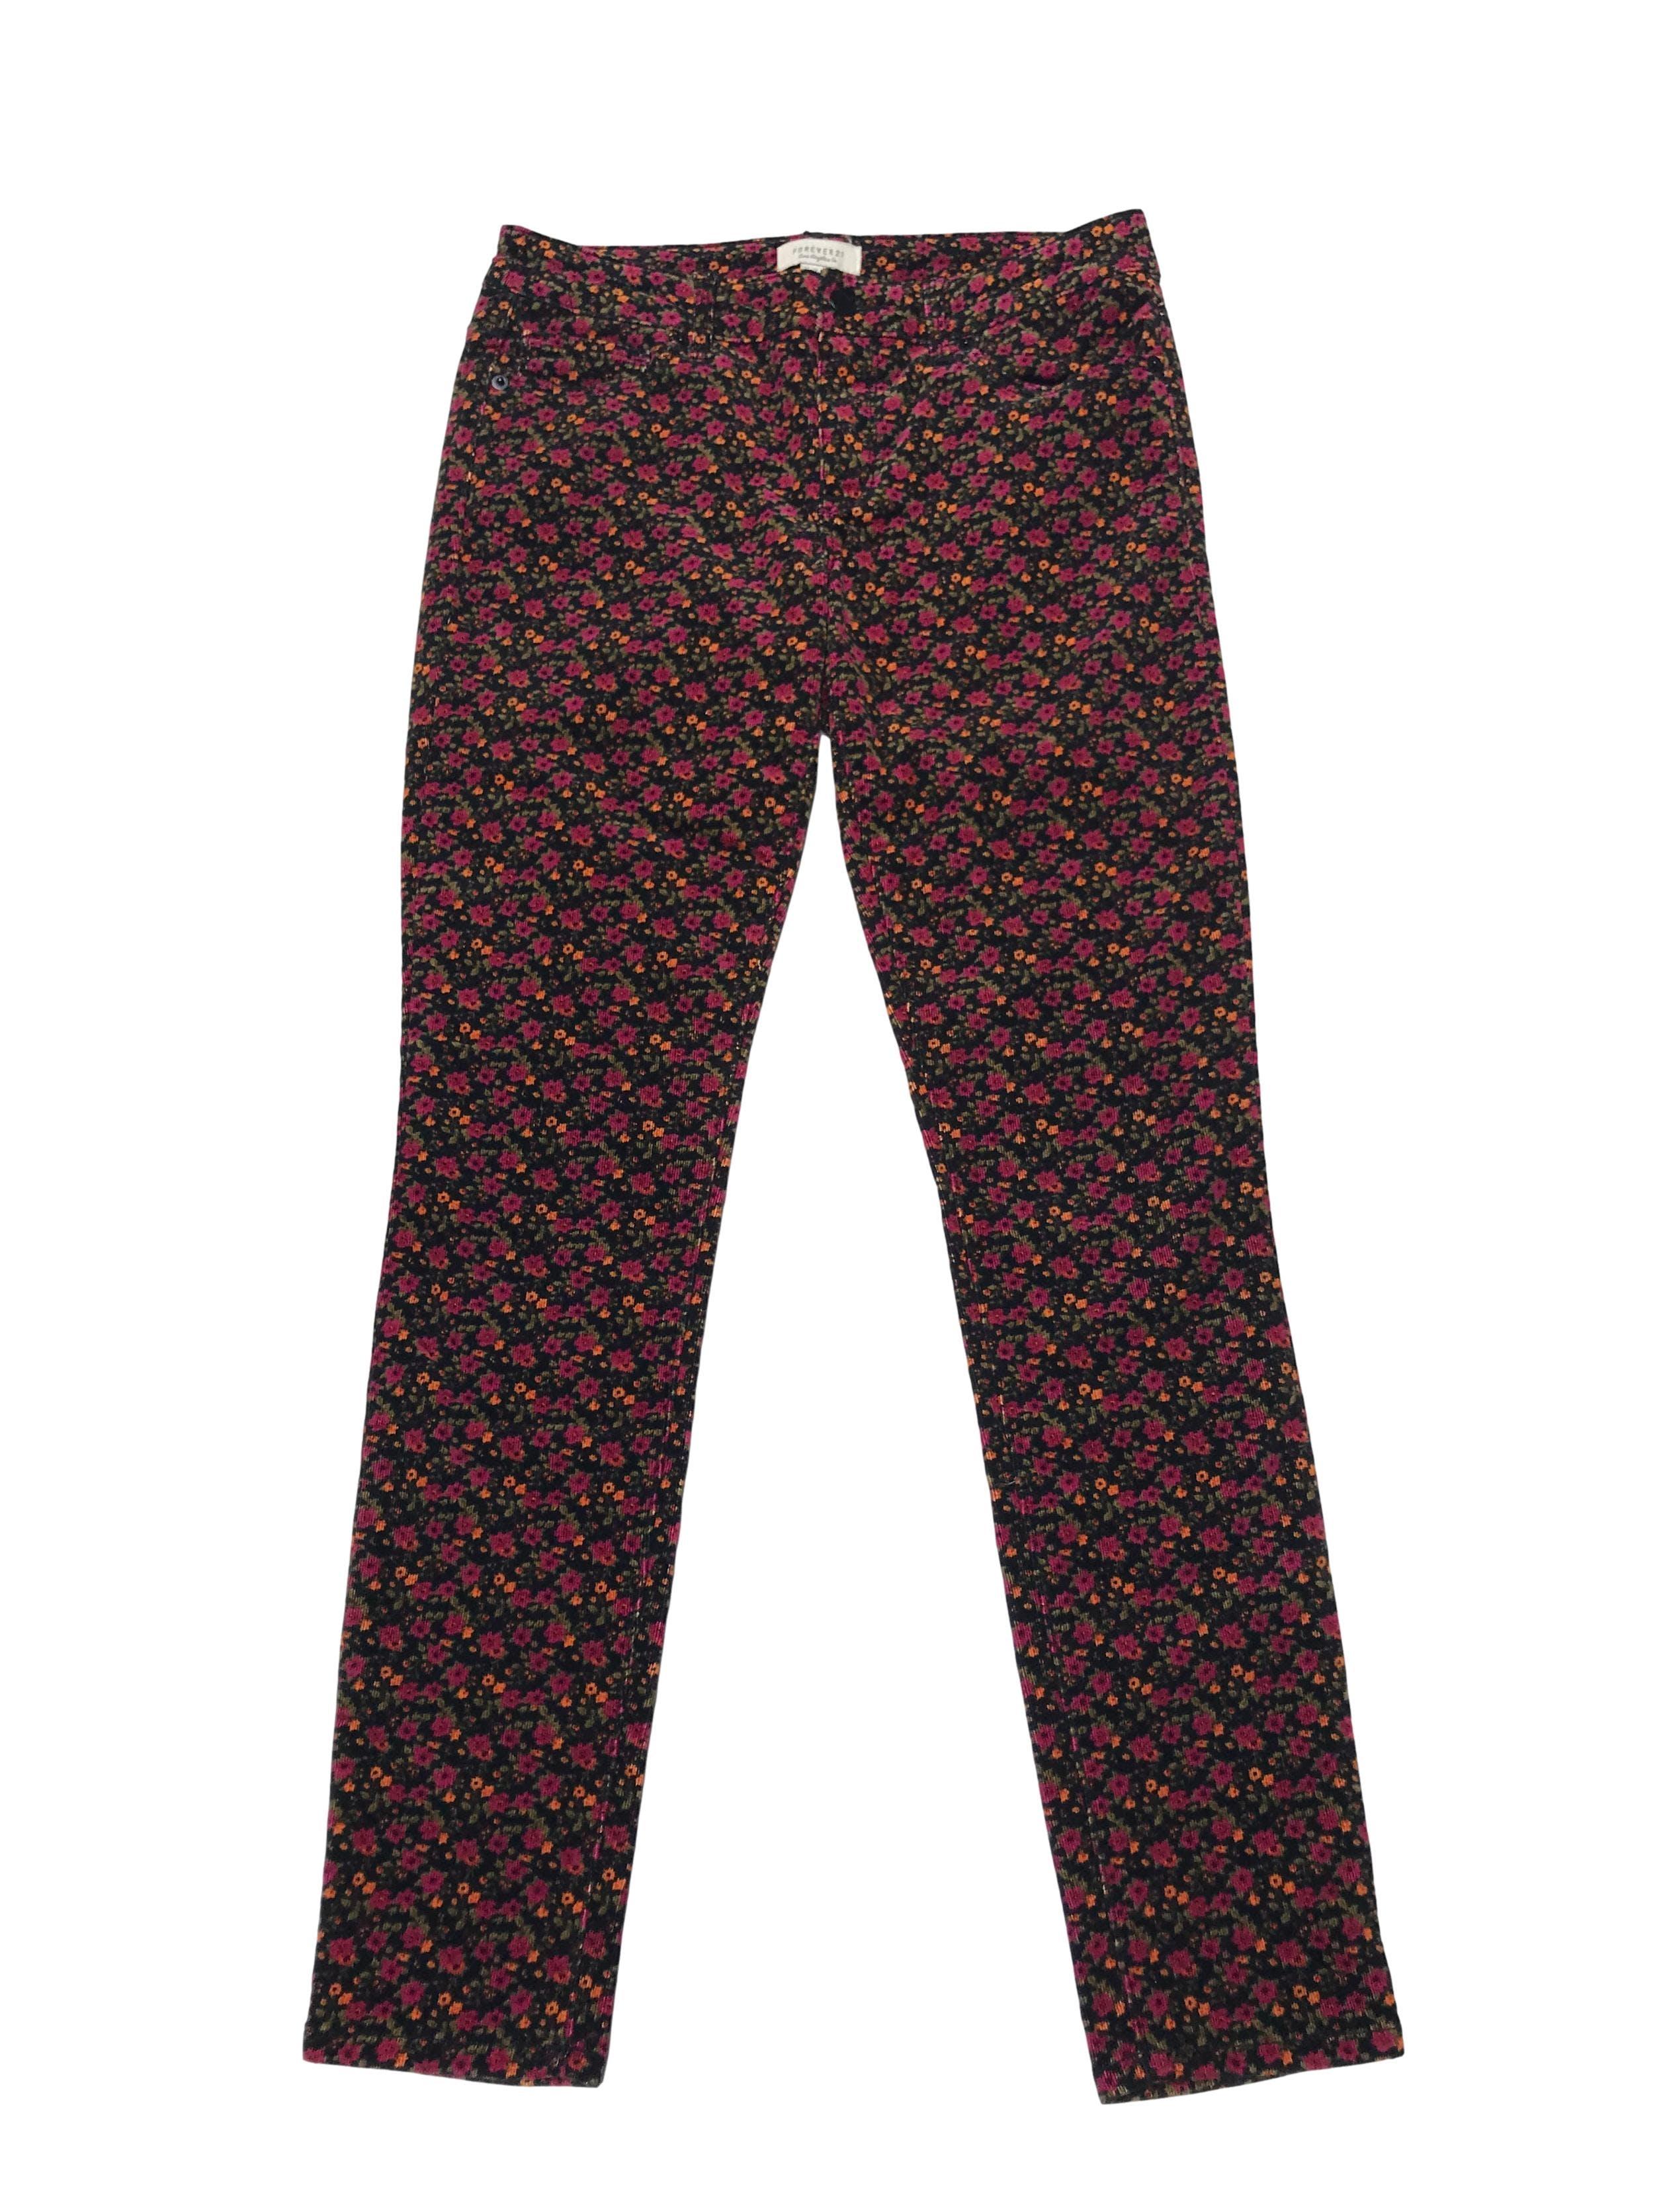 Pantalón Forever21 de corduroy negro con print de flores, tiro medio pretina 74cm